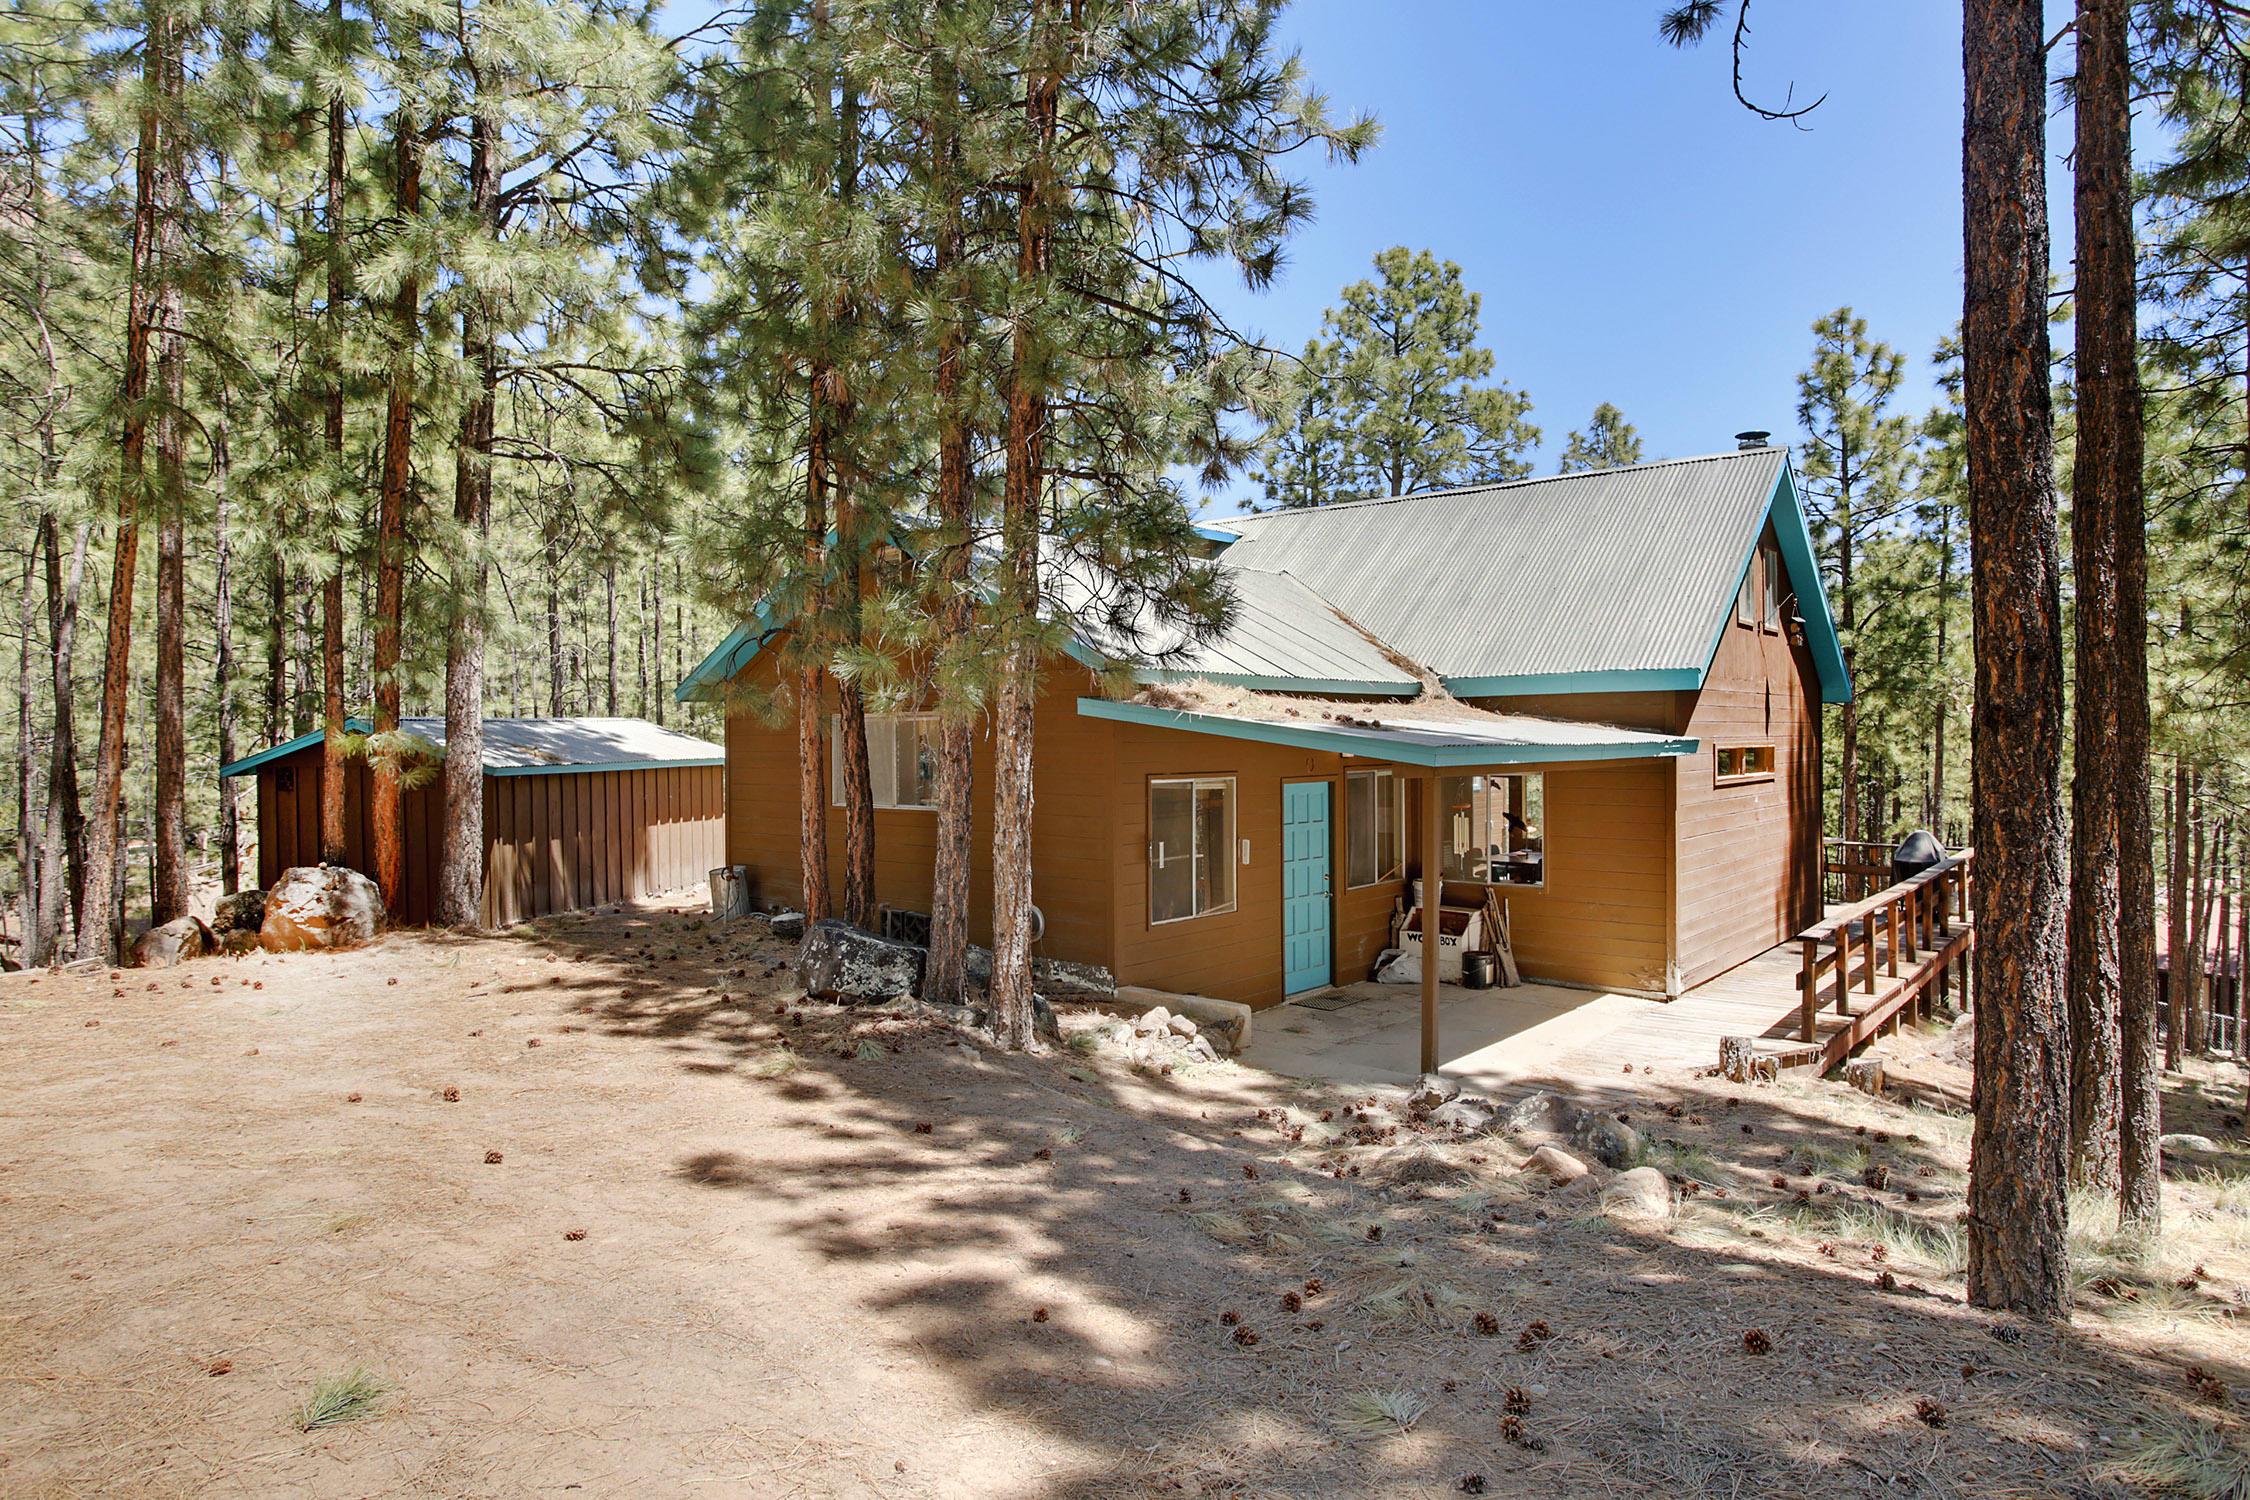 232 SPRUCE Loop, Jemez Springs, NM 87025 - Jemez Springs, NM real estate listing